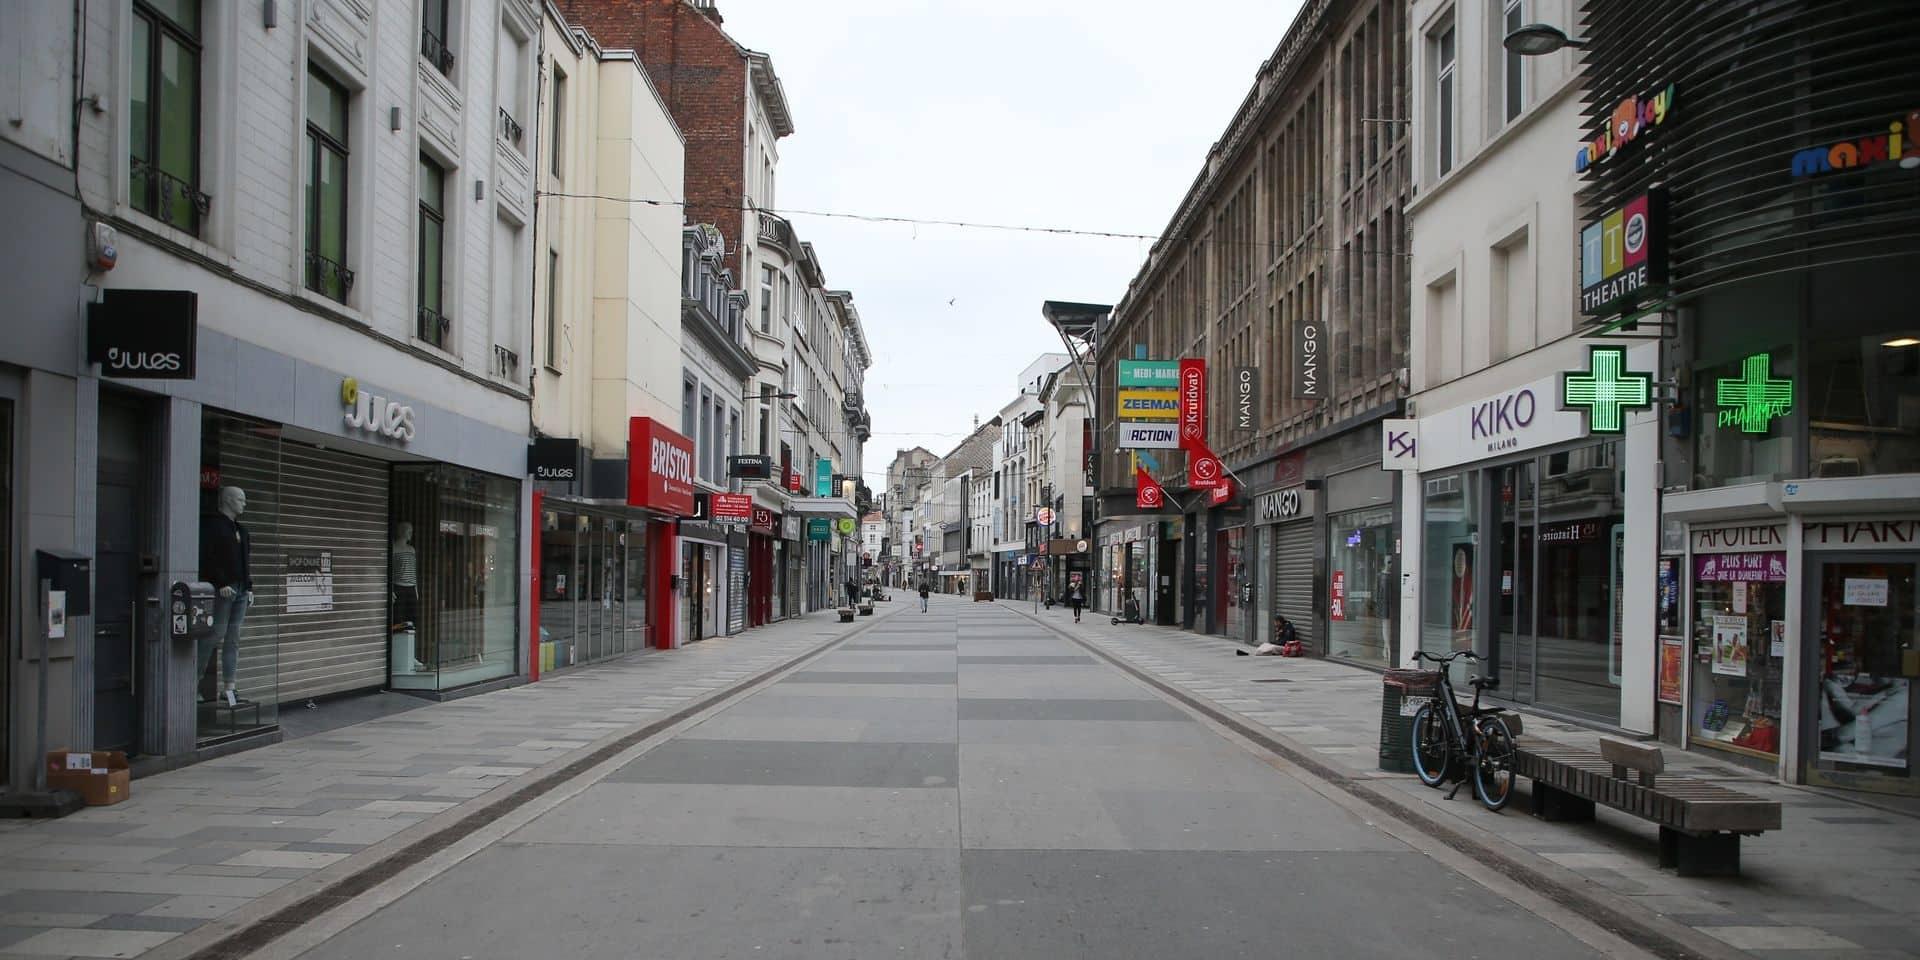 Les libéraux demandent l'état d'urgence économique et sociale dans les communes bruxelloises